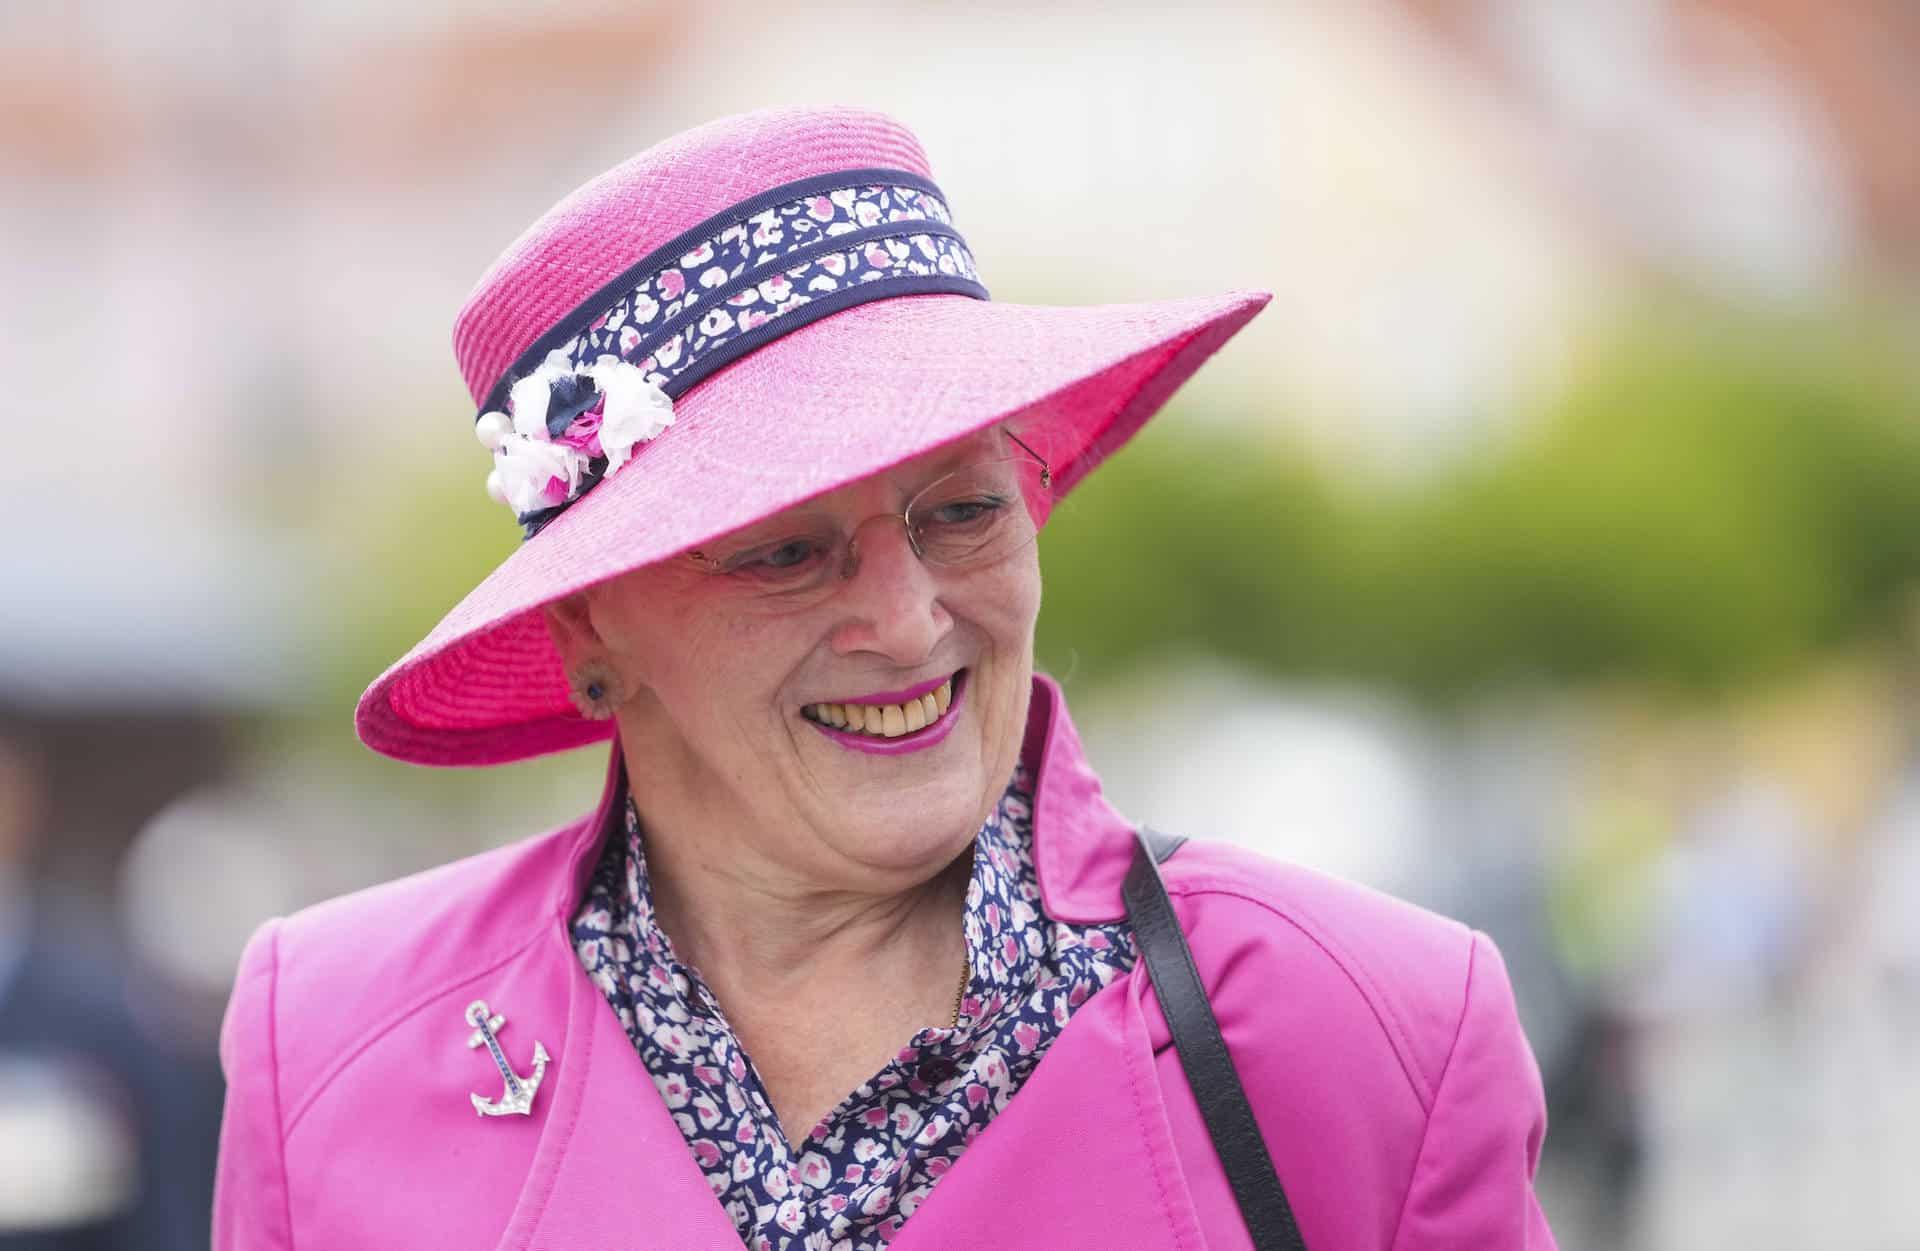 Königin Margrethe scherzt vor Presse über ihr hohes Alter